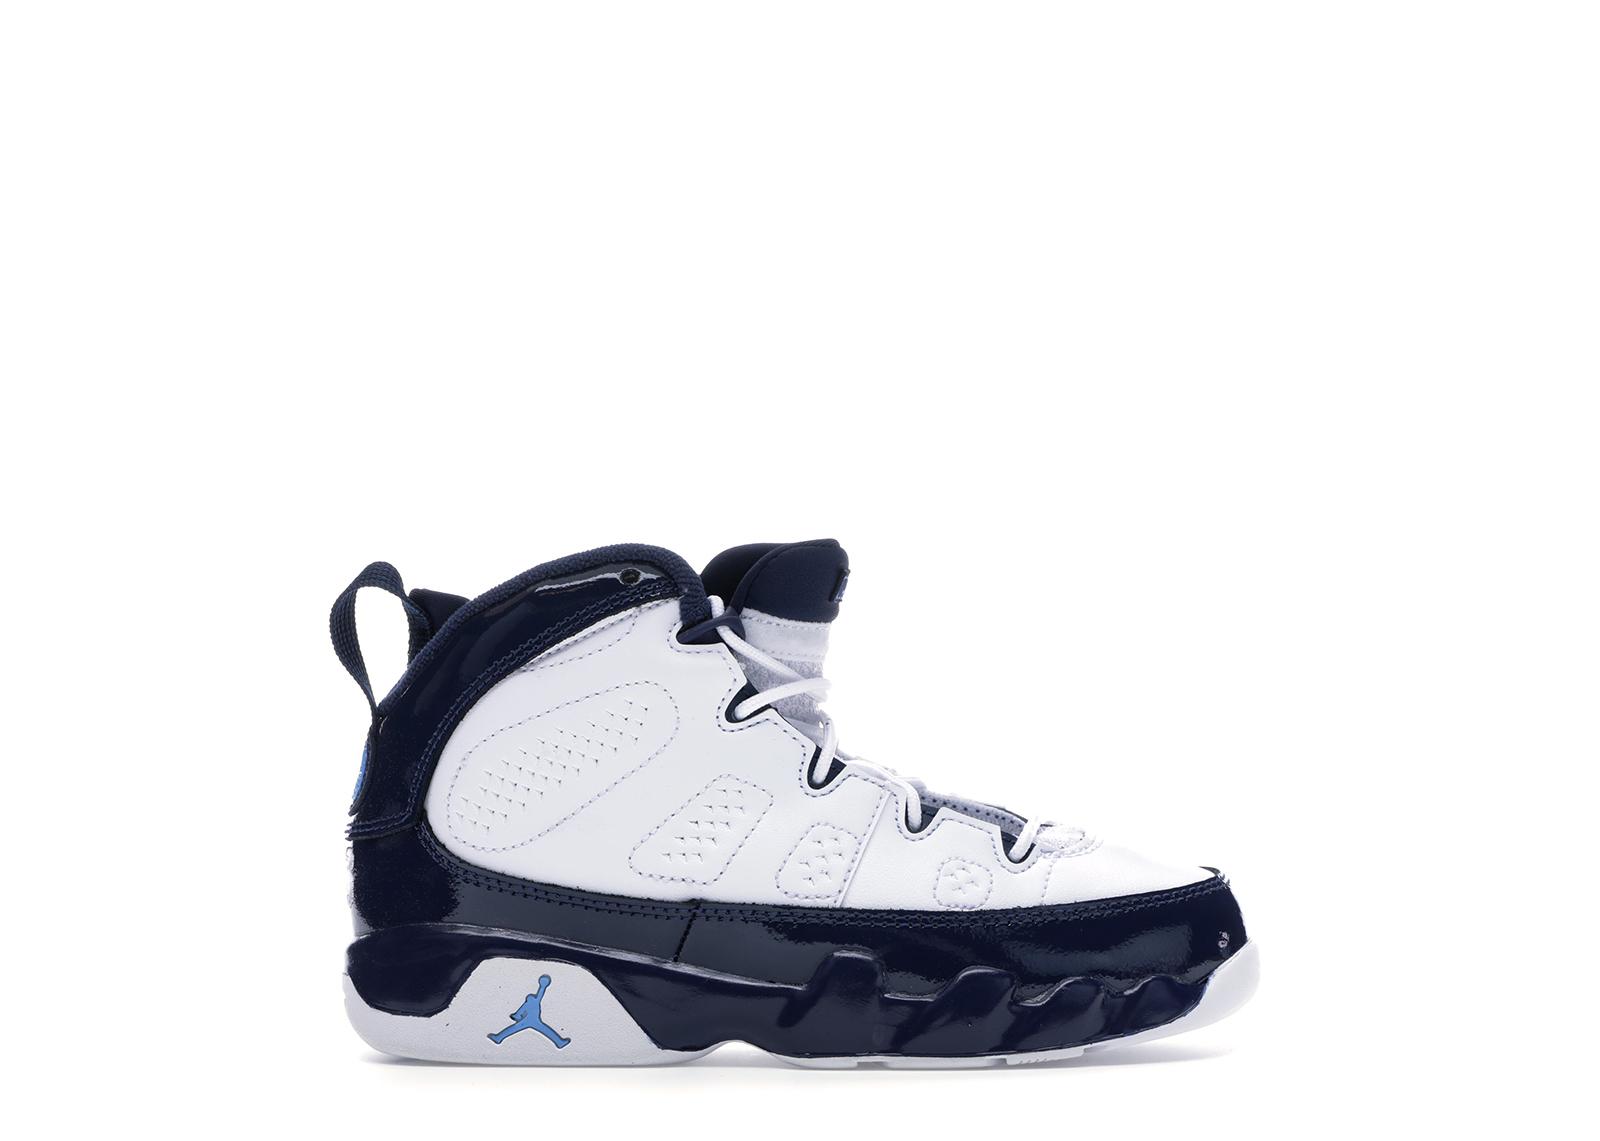 Jordan 9 Retro Pearl Blue (PS) - 401811-145